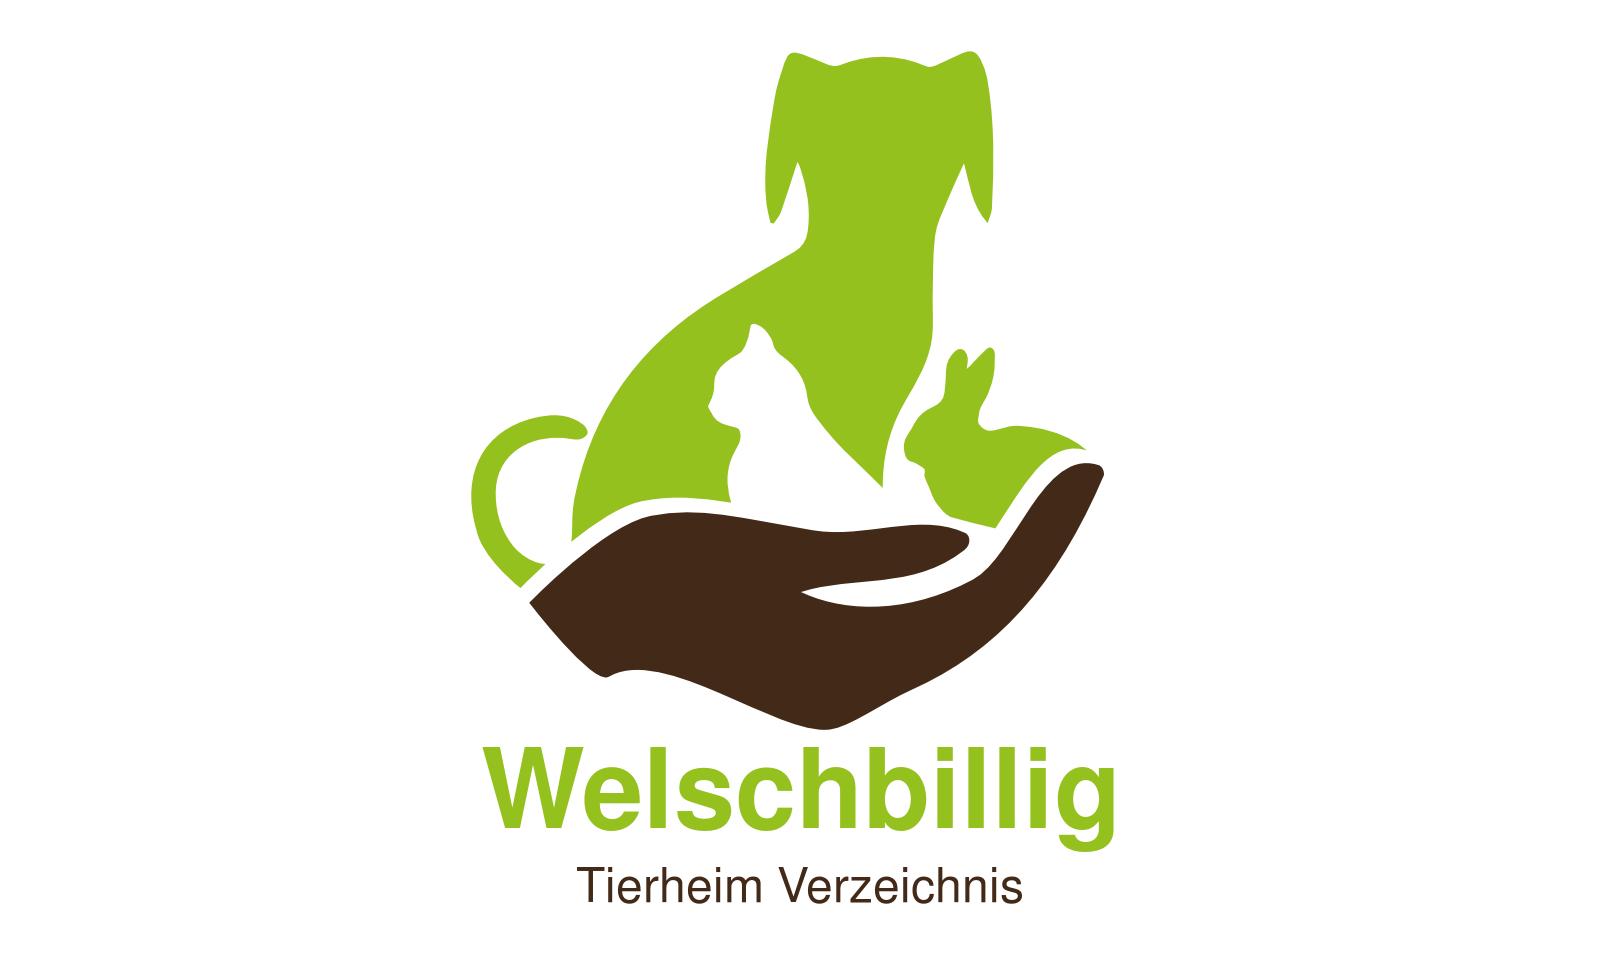 Tierheim Welschbillig